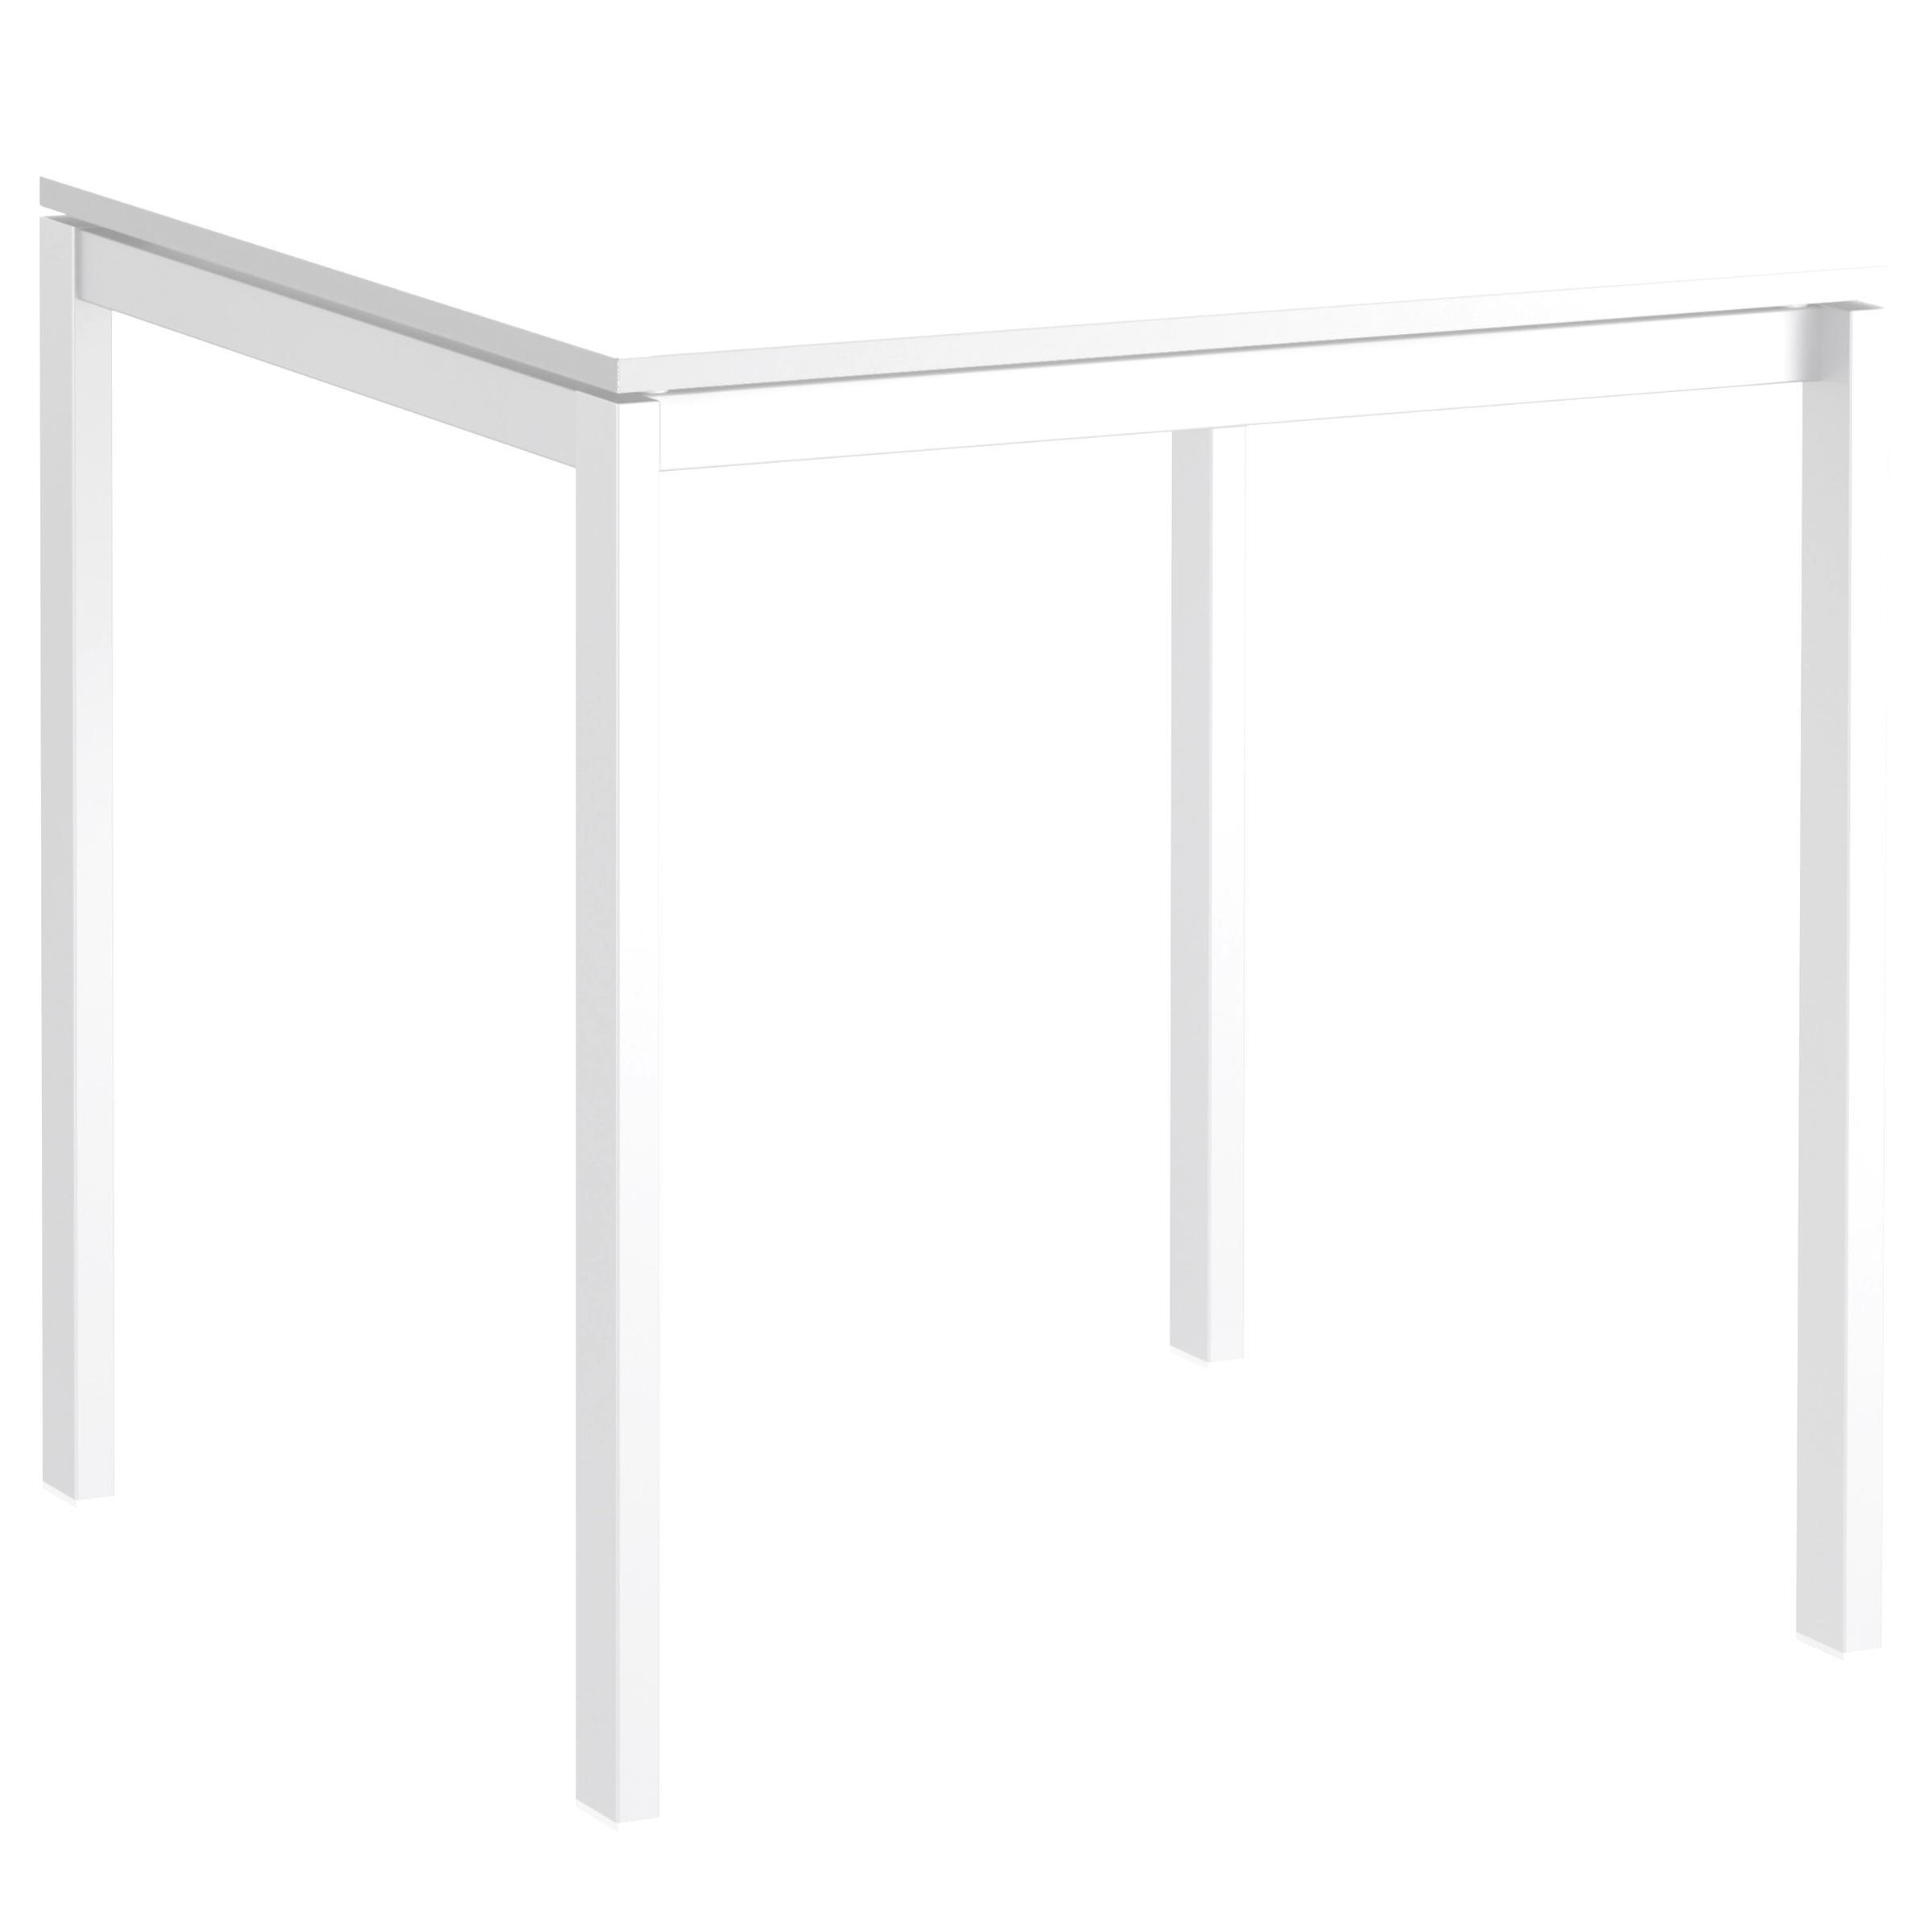 Table Carre Ikea d'occasion | Plus que 3 à 65%